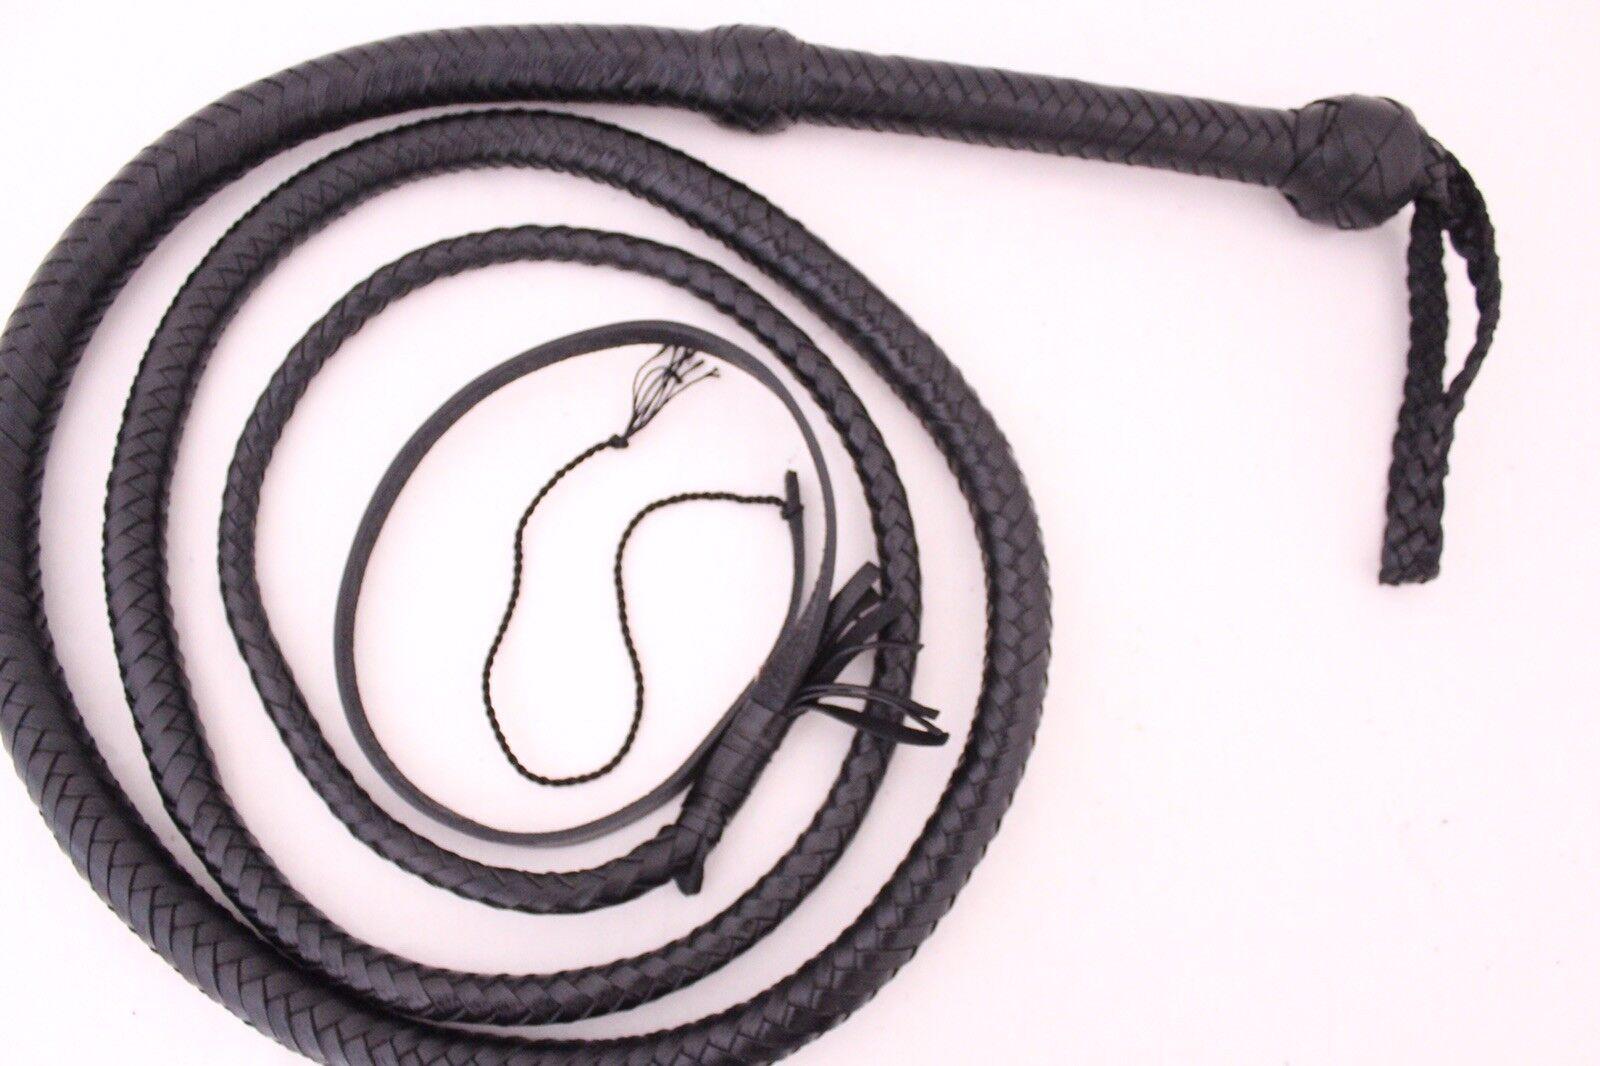 Látigo de toros 8 pies, Genuino Cuero Vaca, 12 trenzas, calidad de servicio pesado látigo de toros